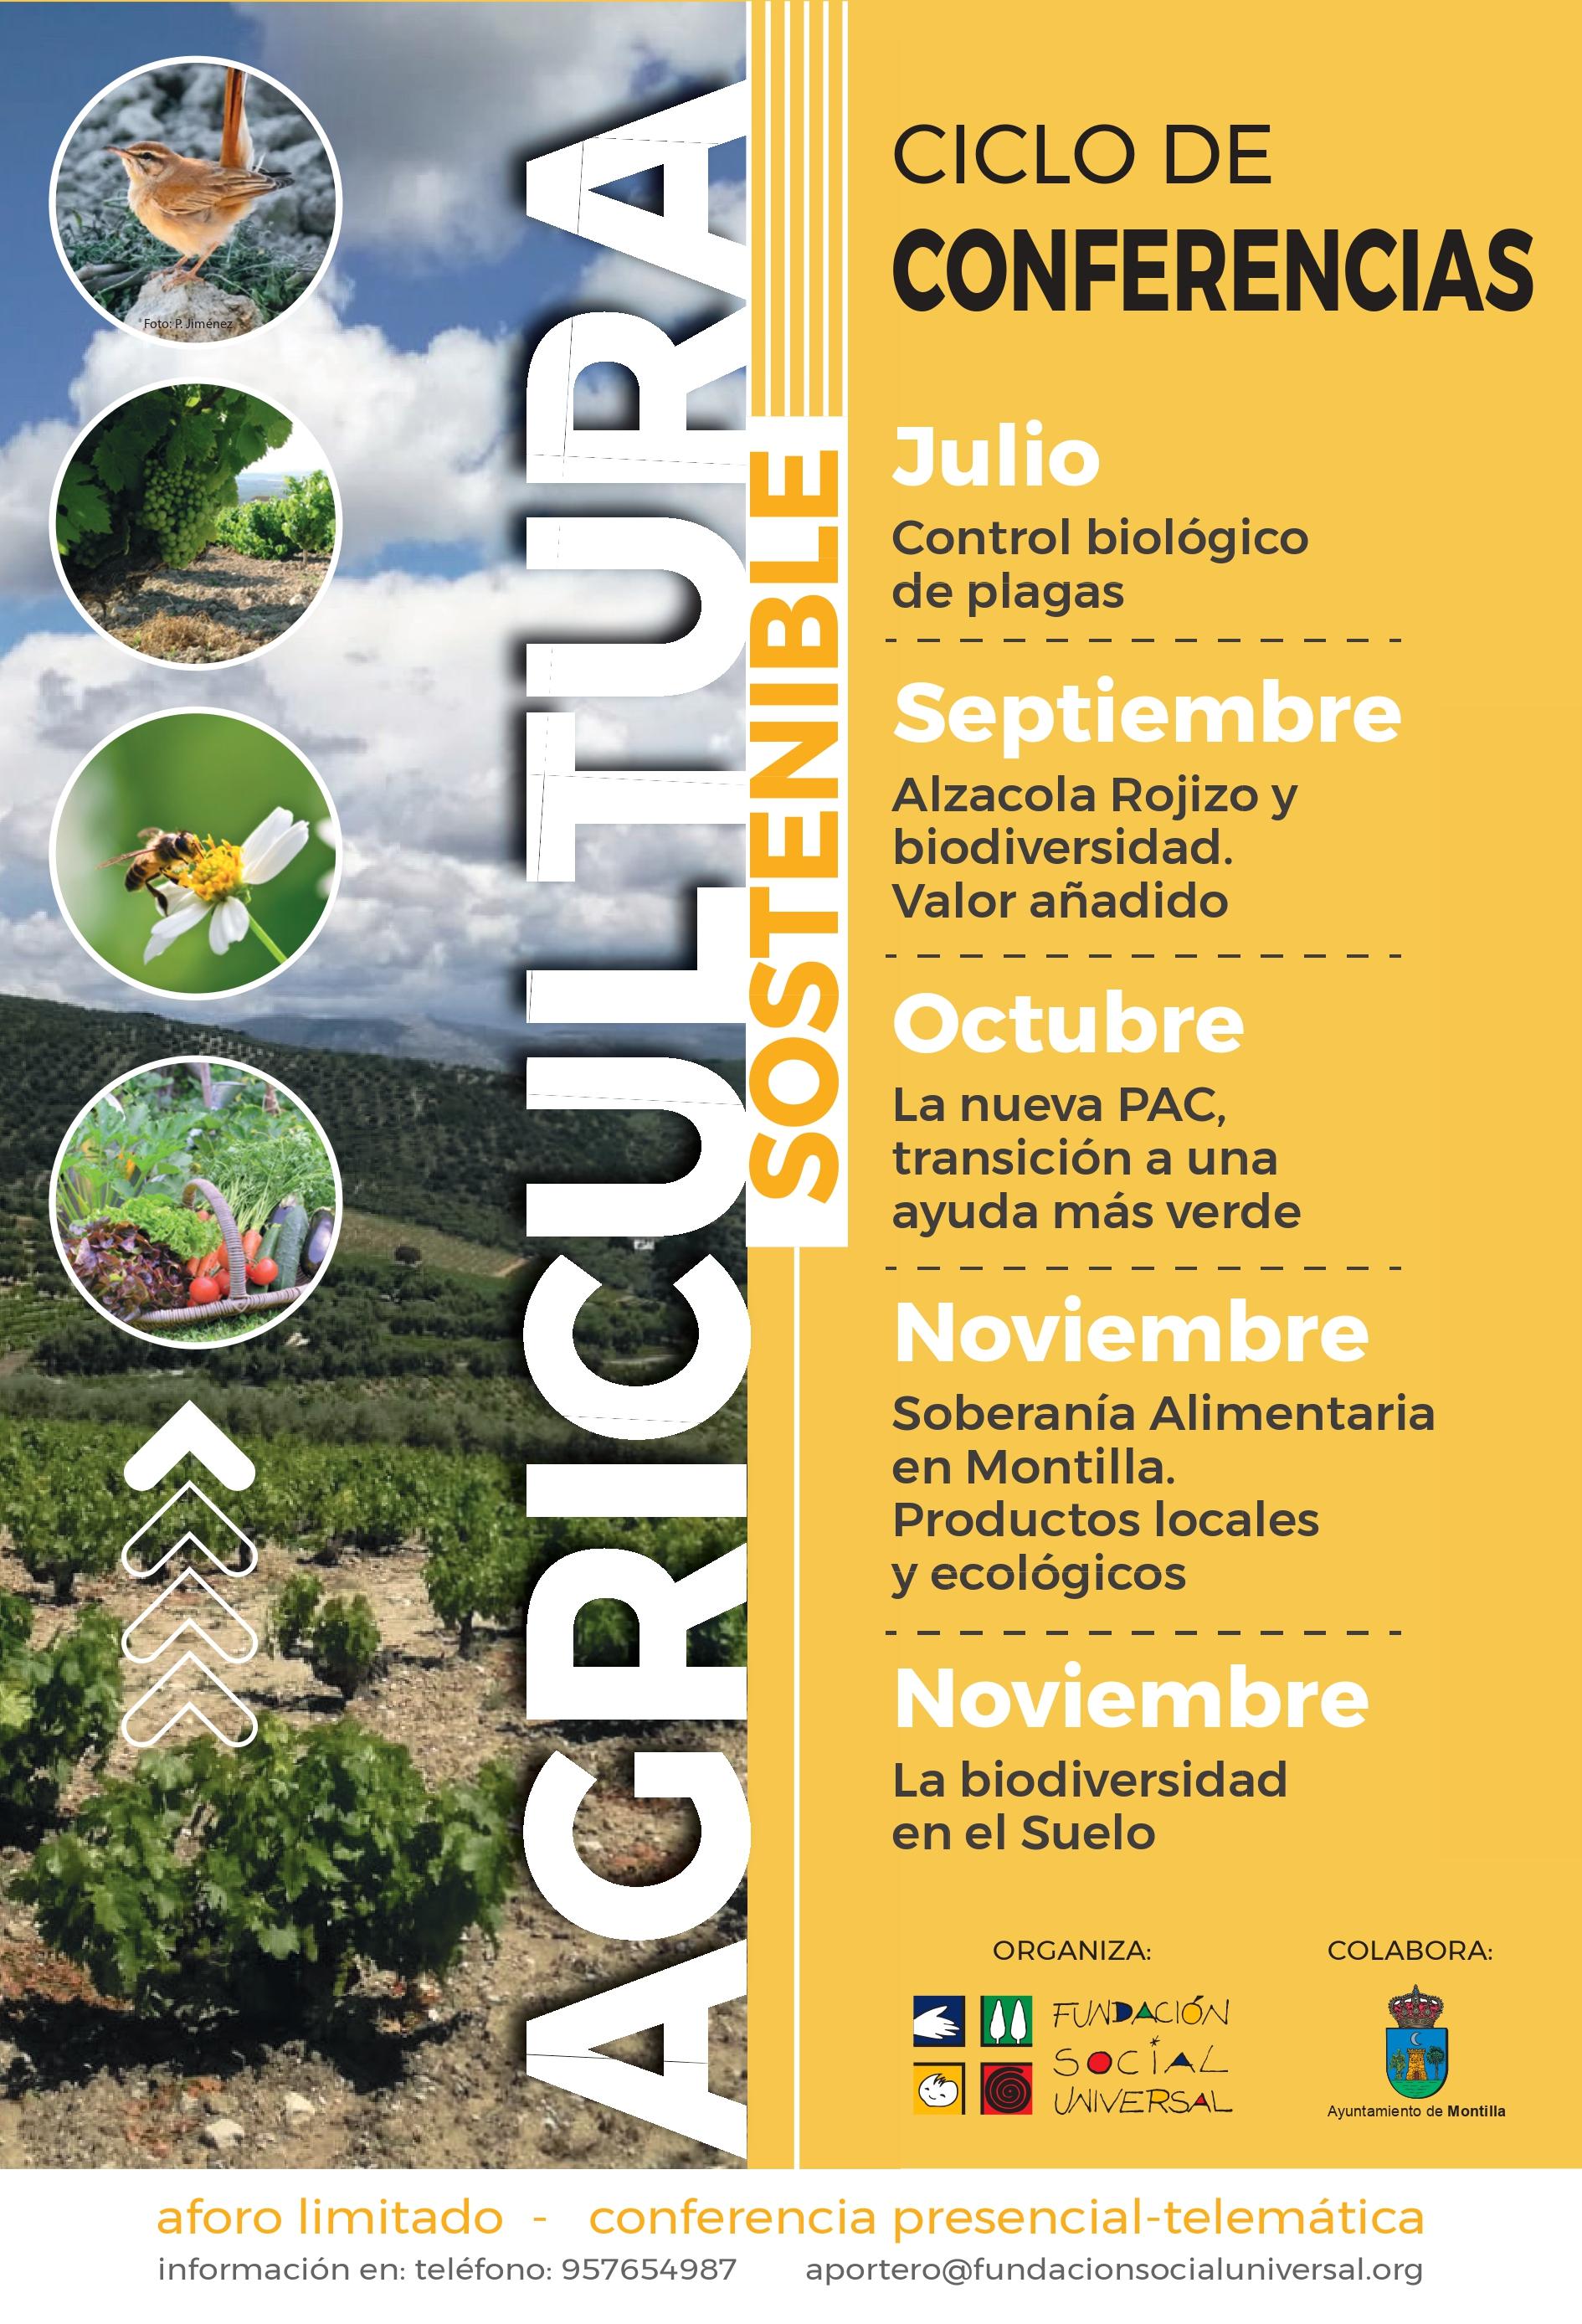 Ciclo de conferencias sobre agricultura sostenible, con FSU